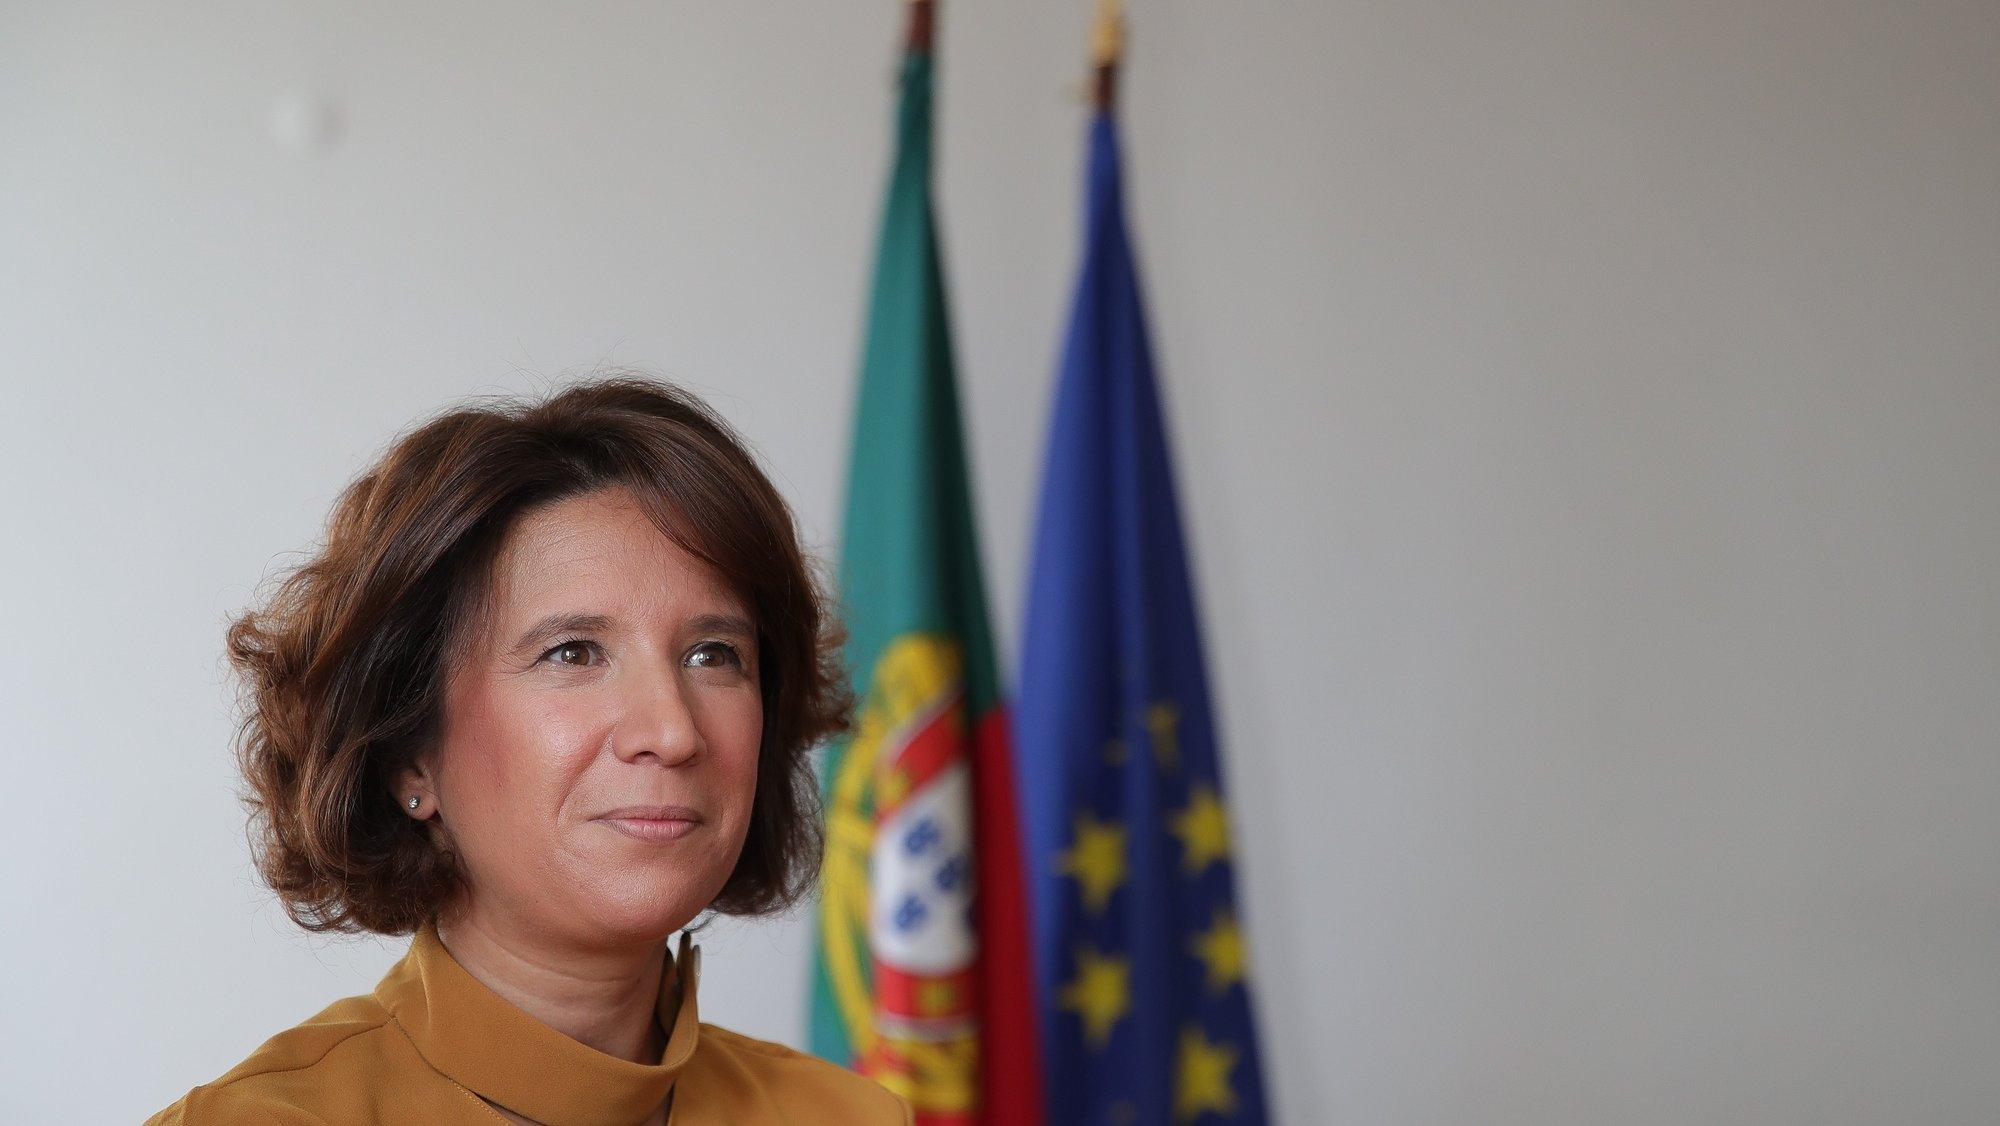 A secretária de Estado do Turismo, Rita Marques, durante uma entrevista à Lusa, no Ministério da Economia, em Lisboa, 30 de setembro de 2020. (ACOMPANHA TEXTO DO DIA 2 DE OUTUBRO DE 2020) MÁRIO CRUZ/LUSA